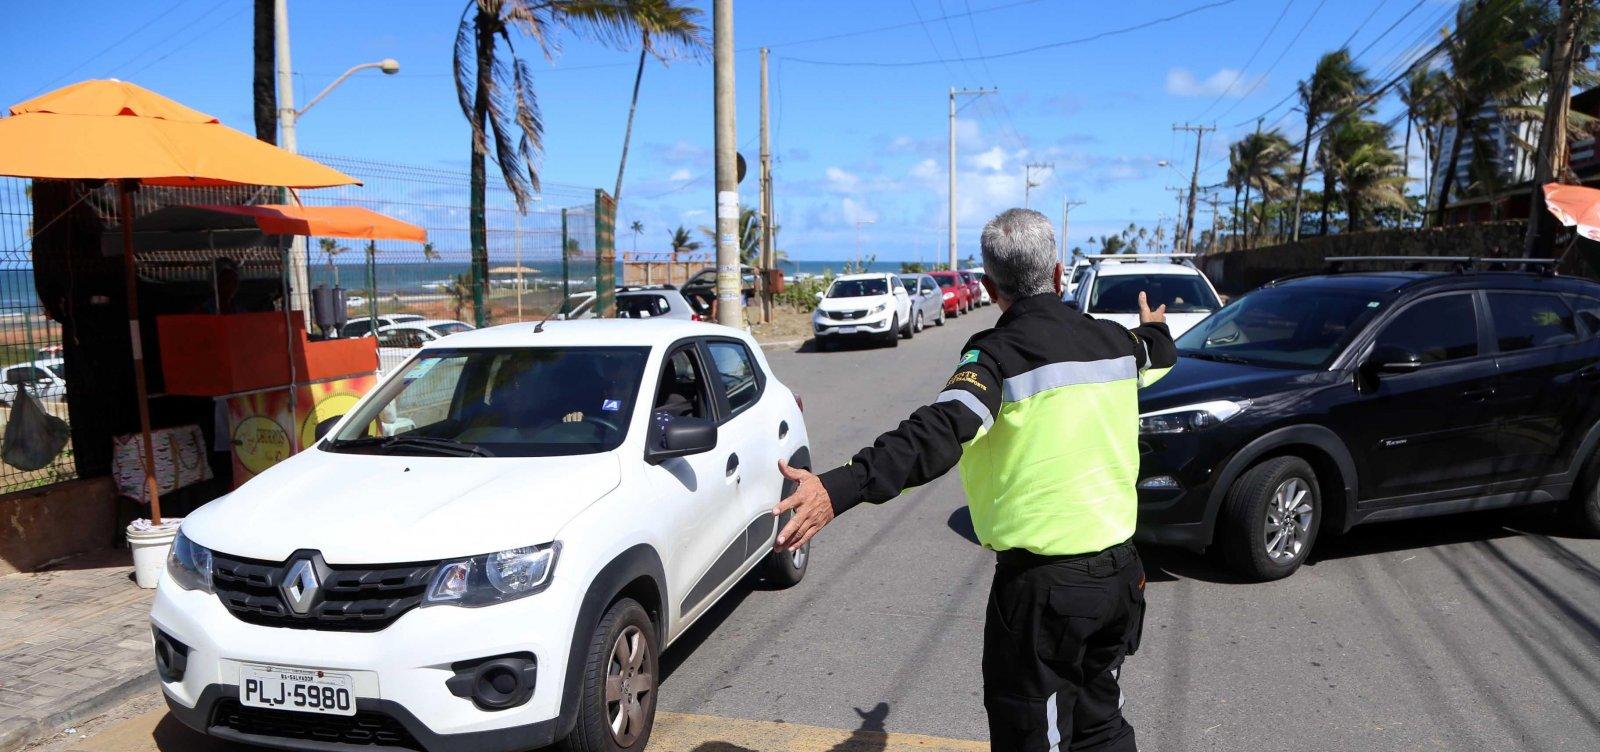 Eventos alteram tráfego de veículos em Salvador hoje e amanhã; confira